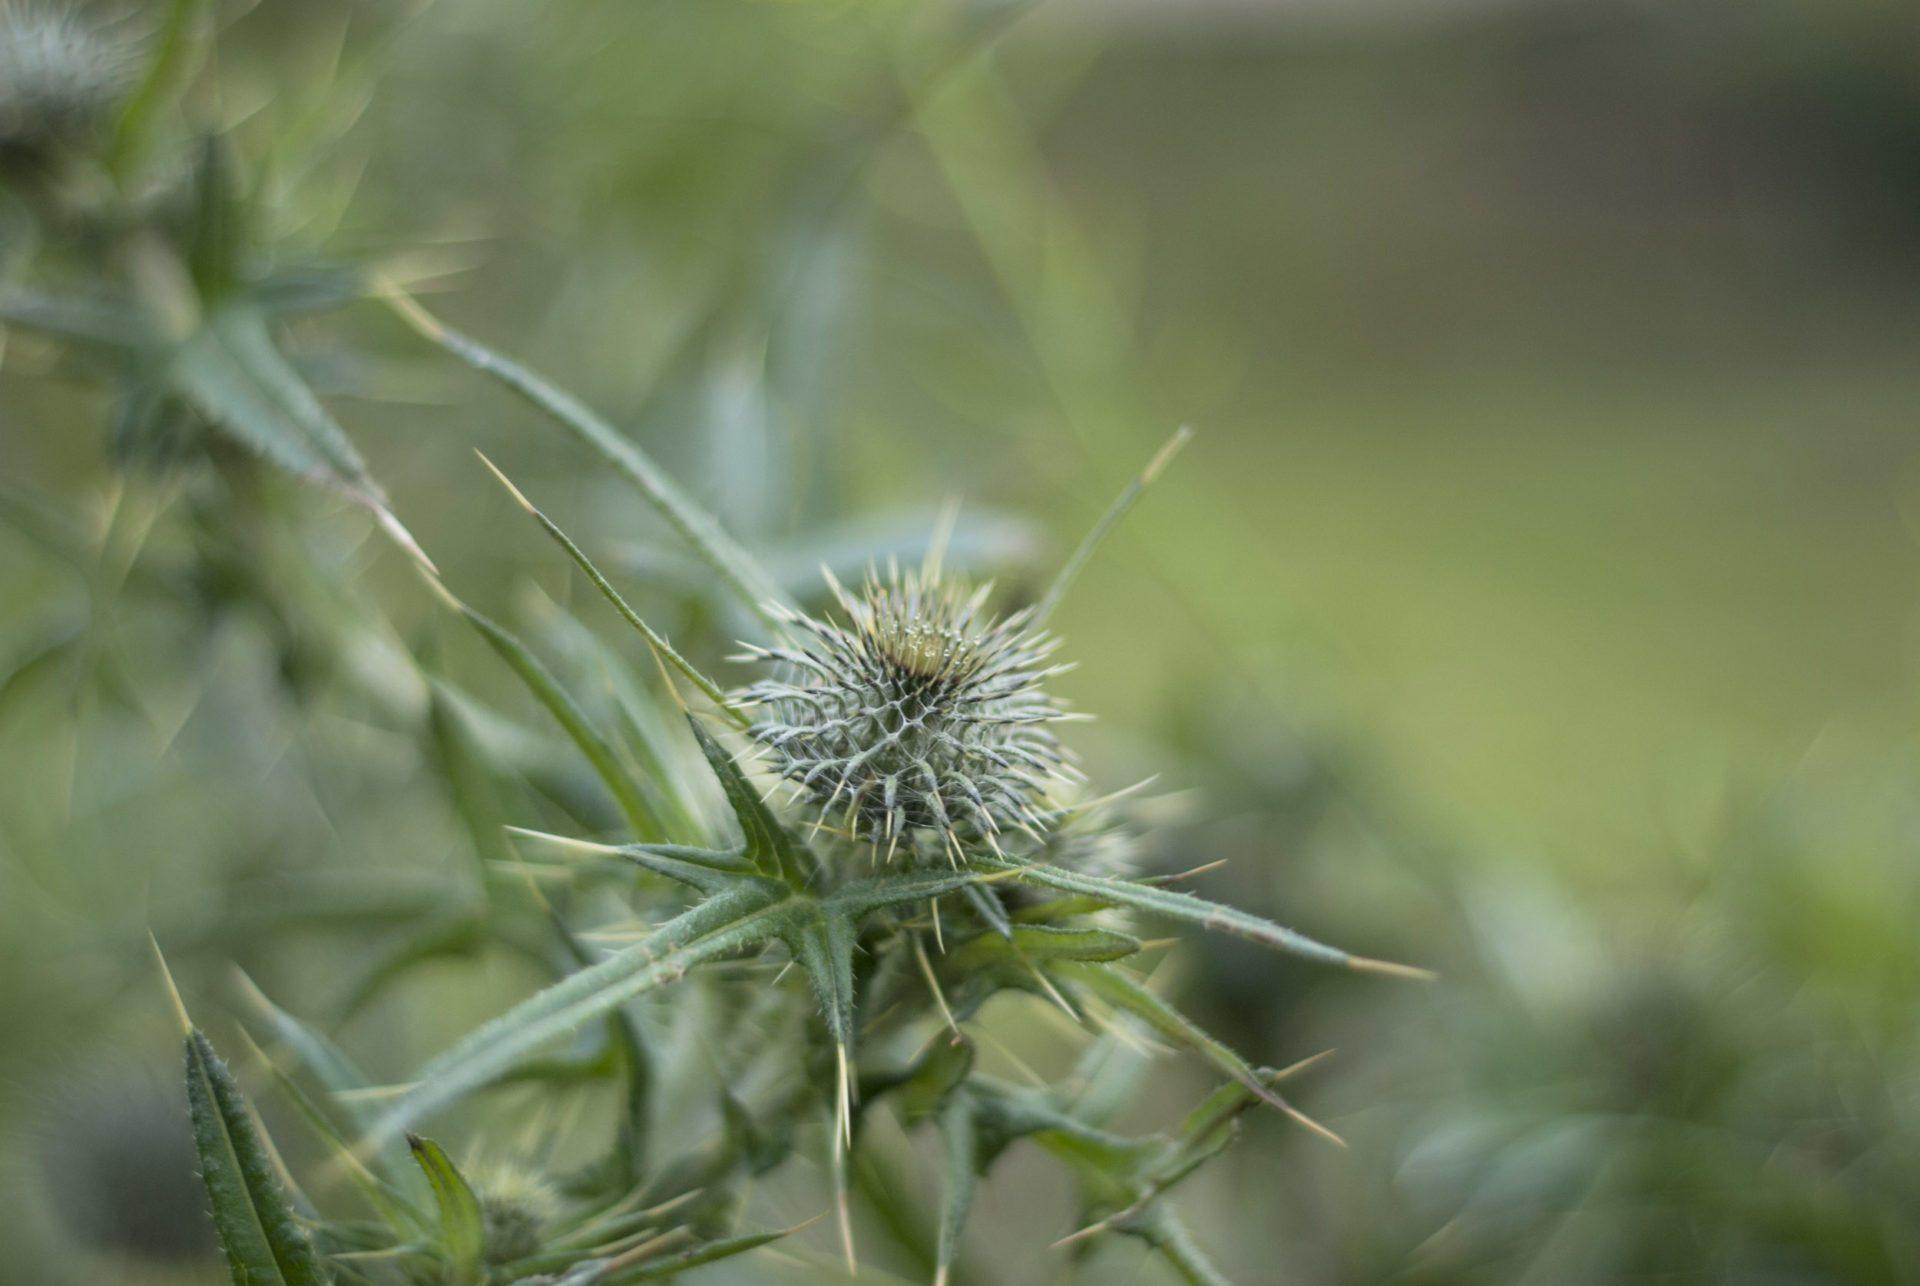 Natürlich gärtnern: Die Blüte einer Distel.